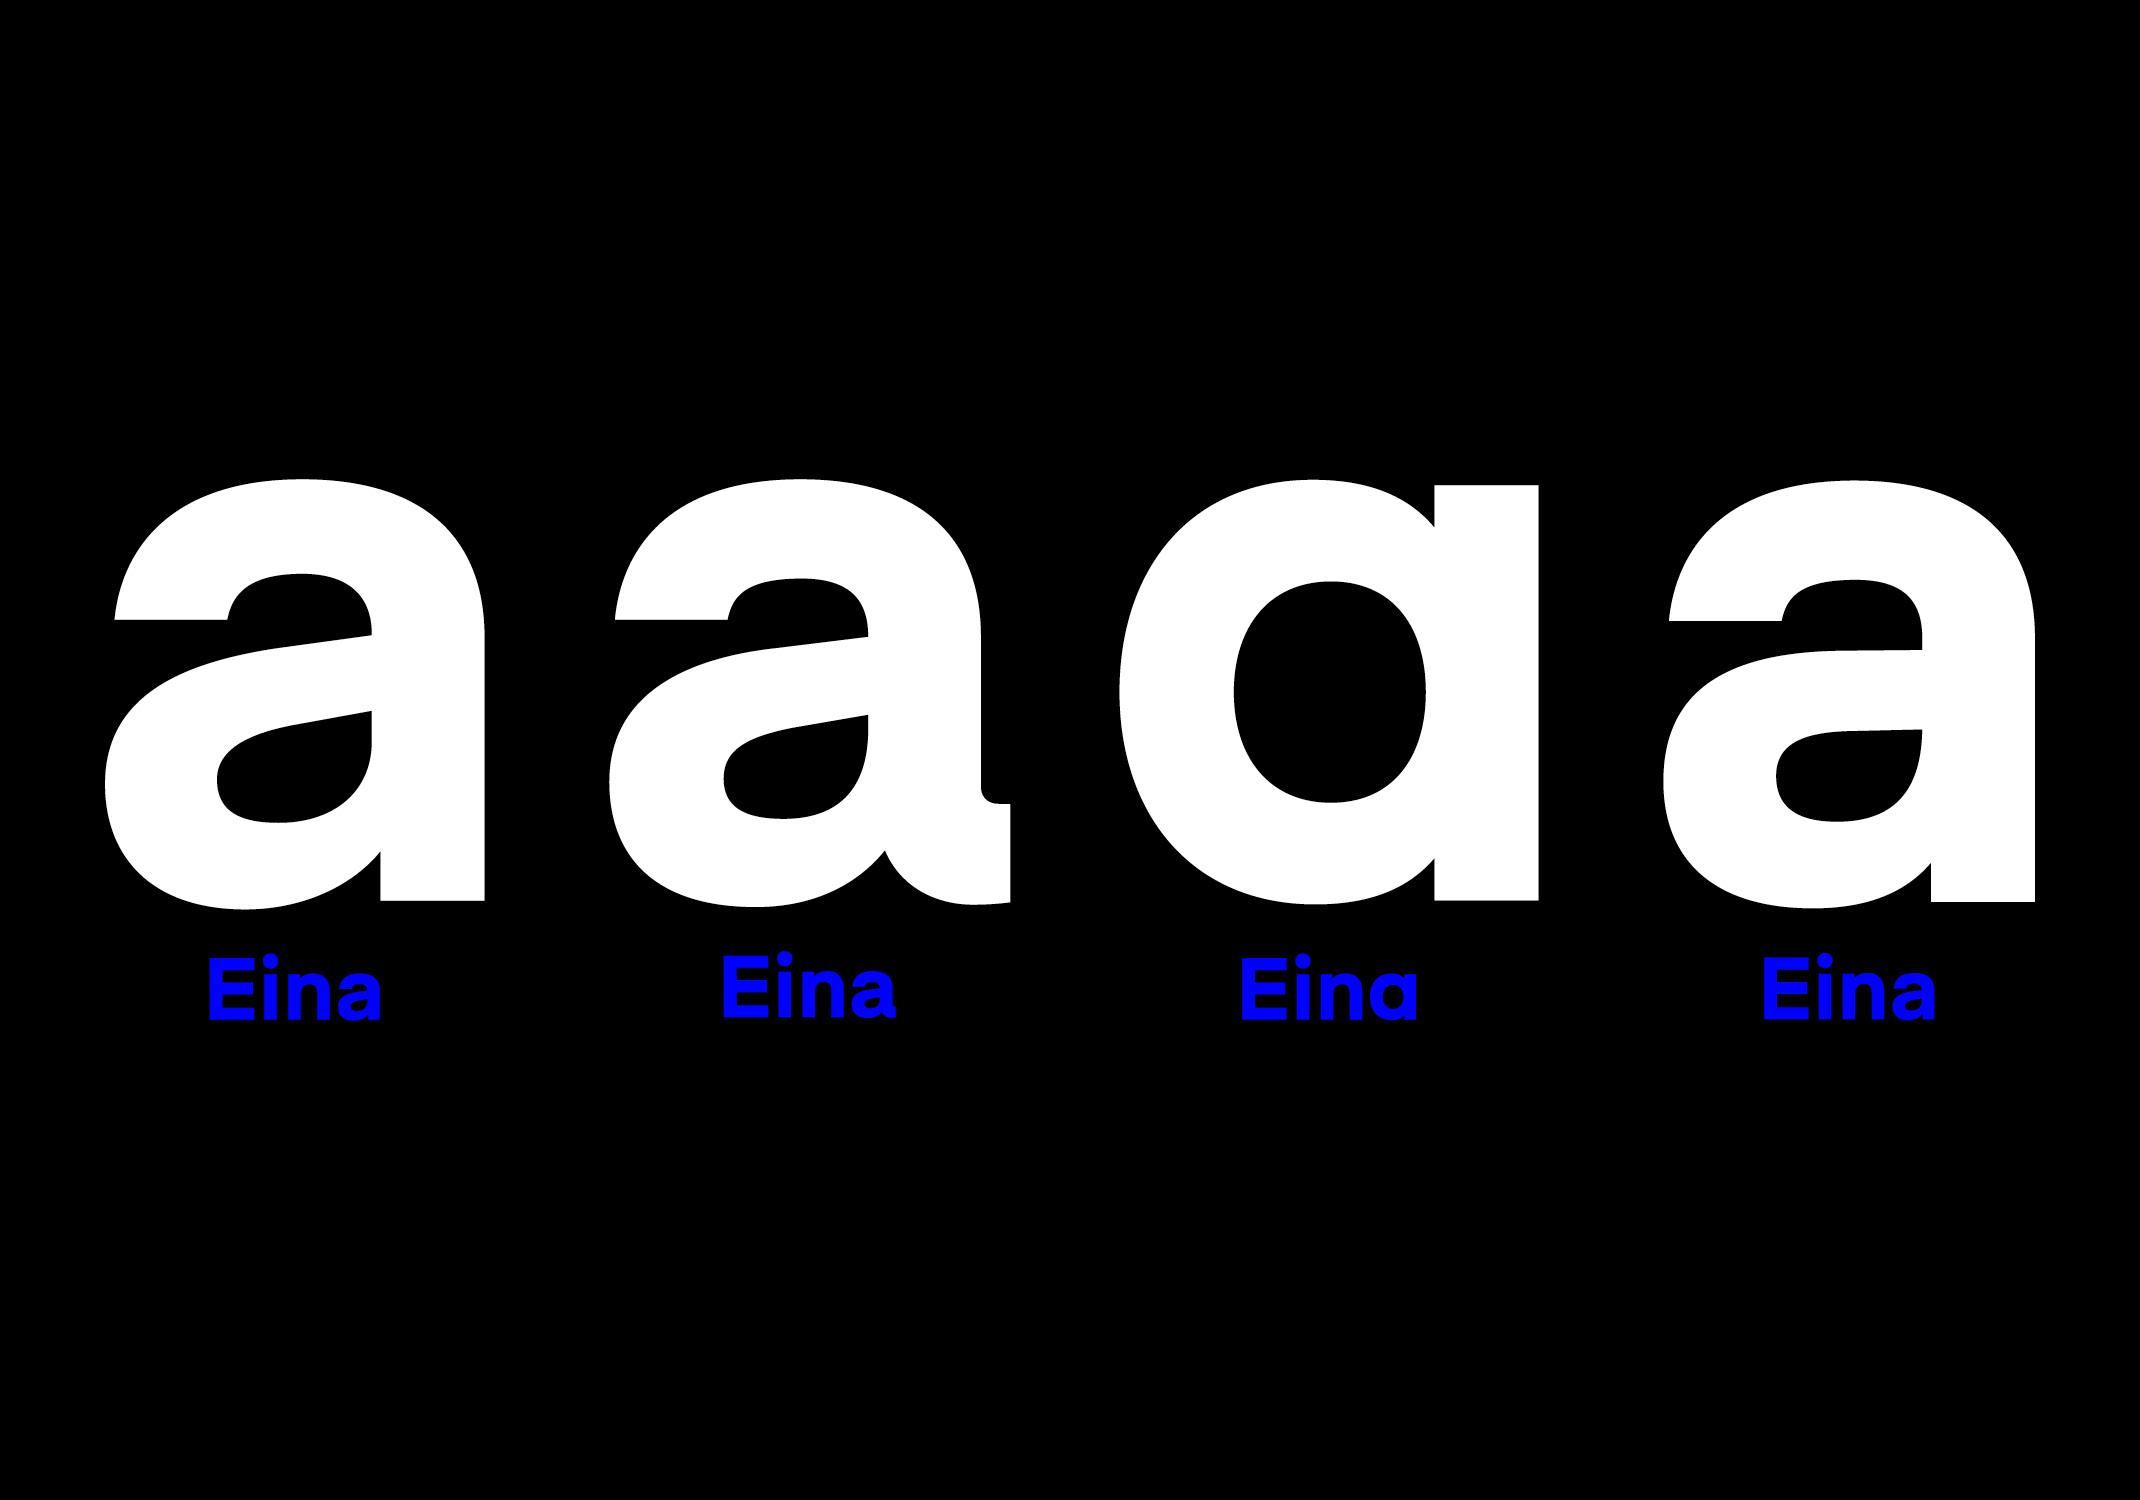 Eina – Clase bcn